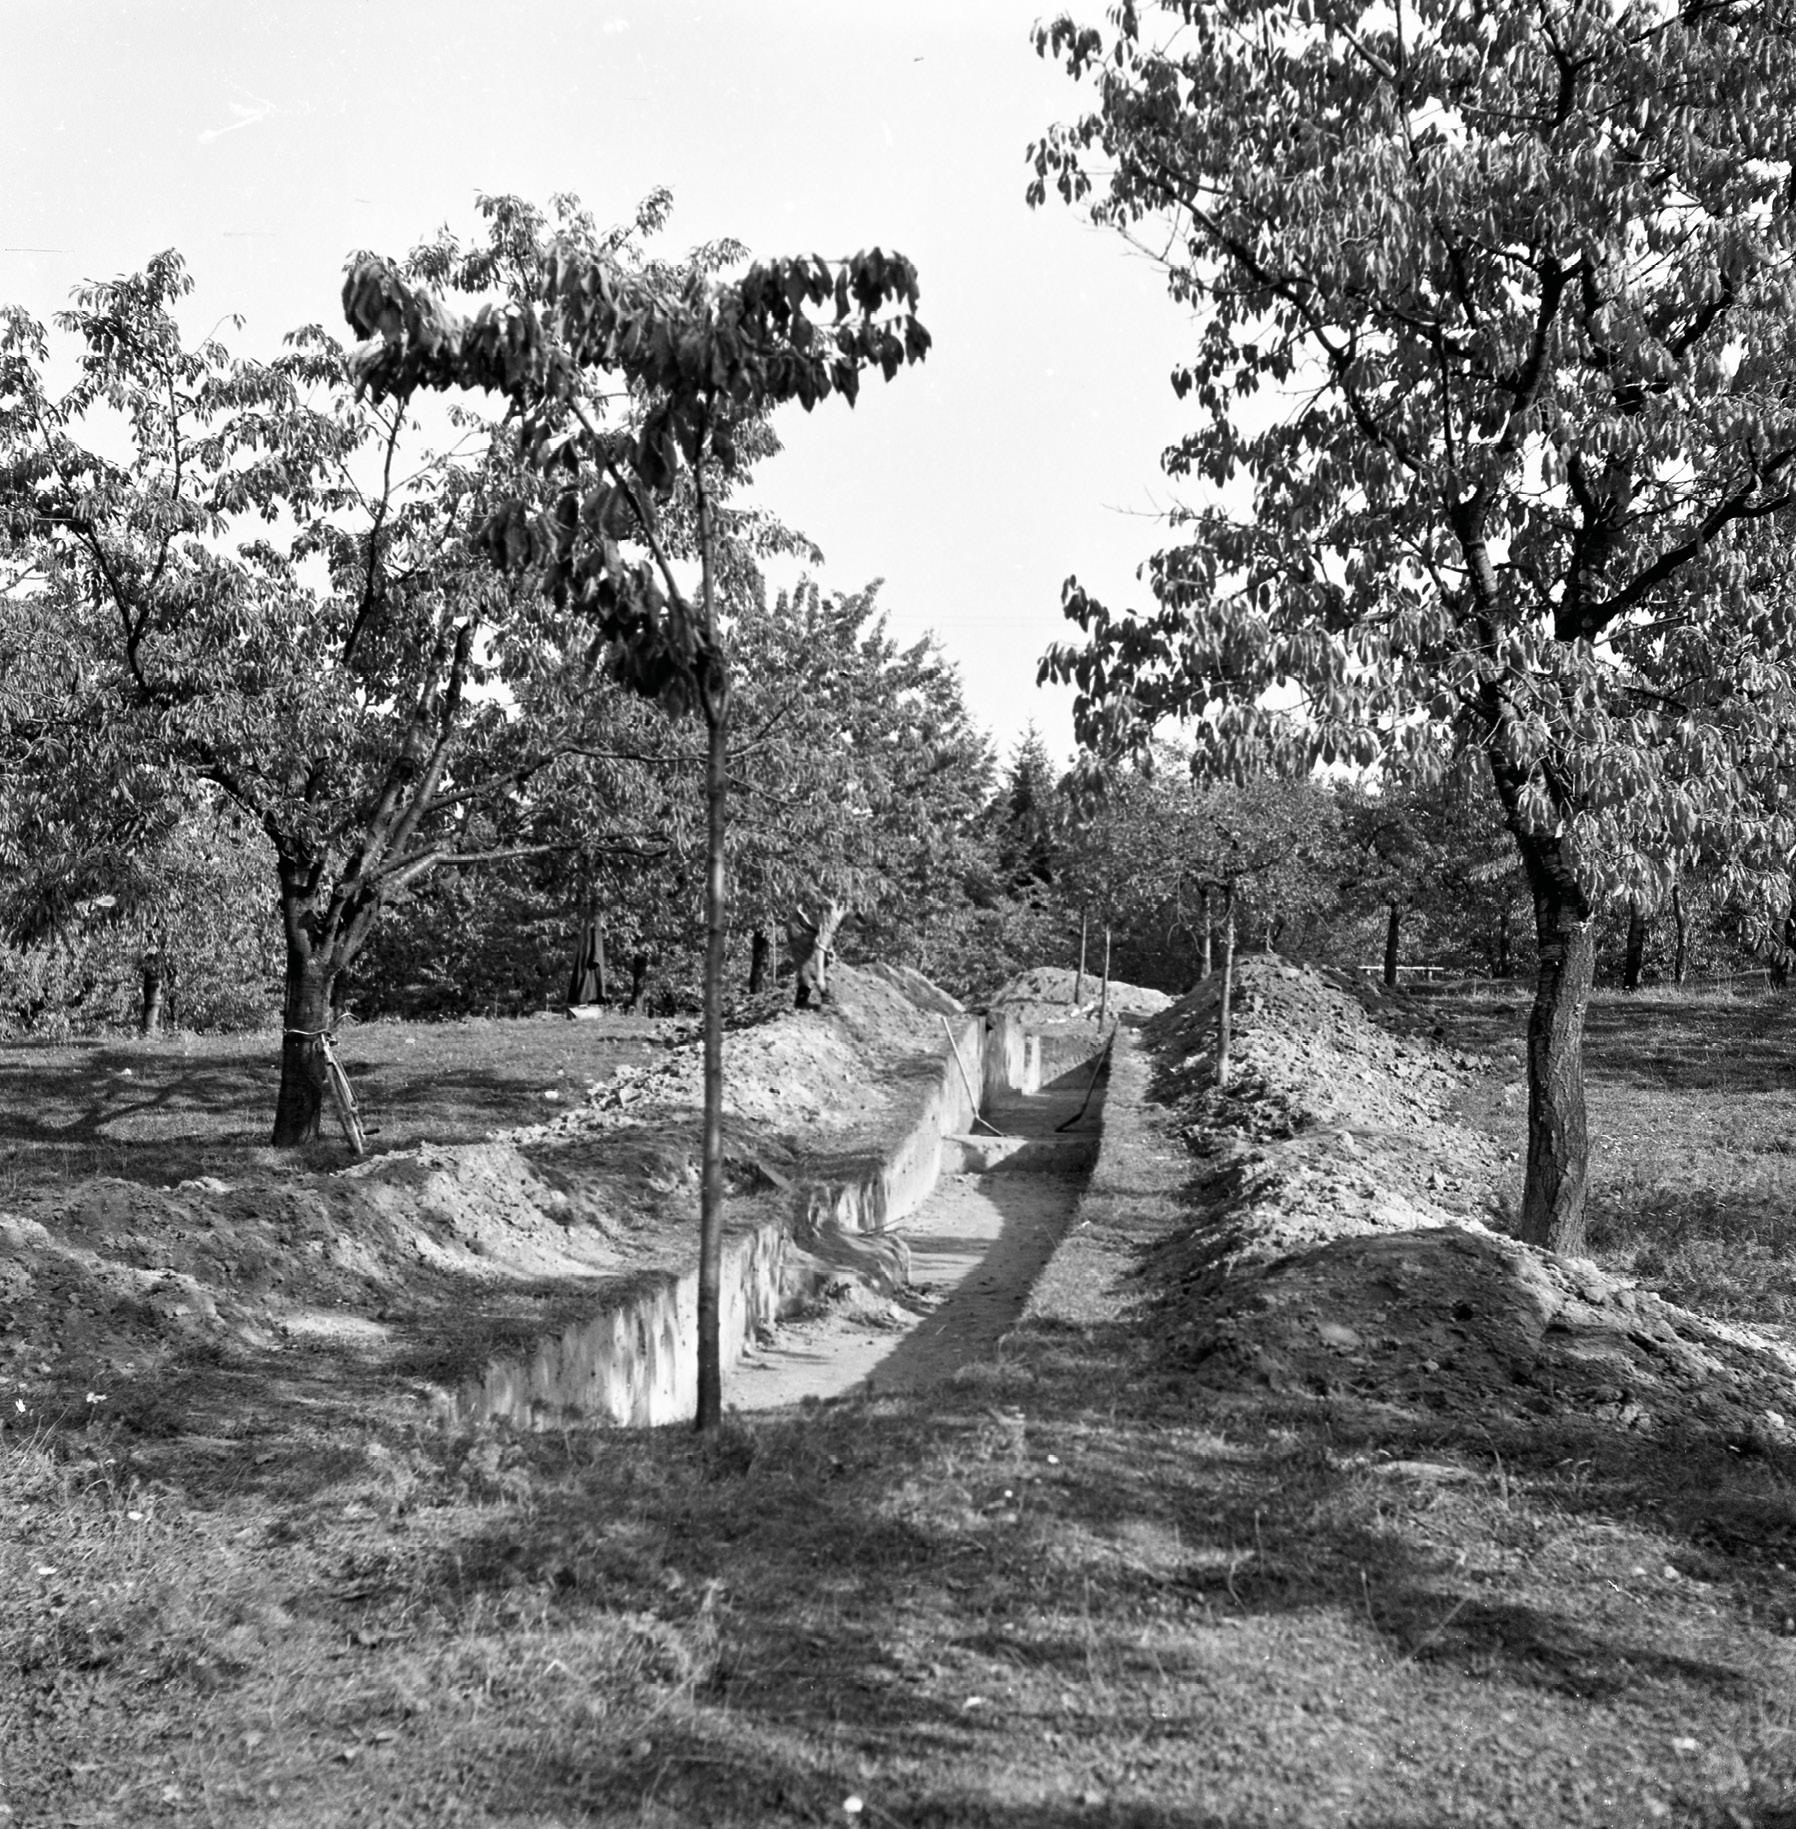 Jedna z piatich sond archeologického prieskumu v Čerešňovom sade v roku 1957